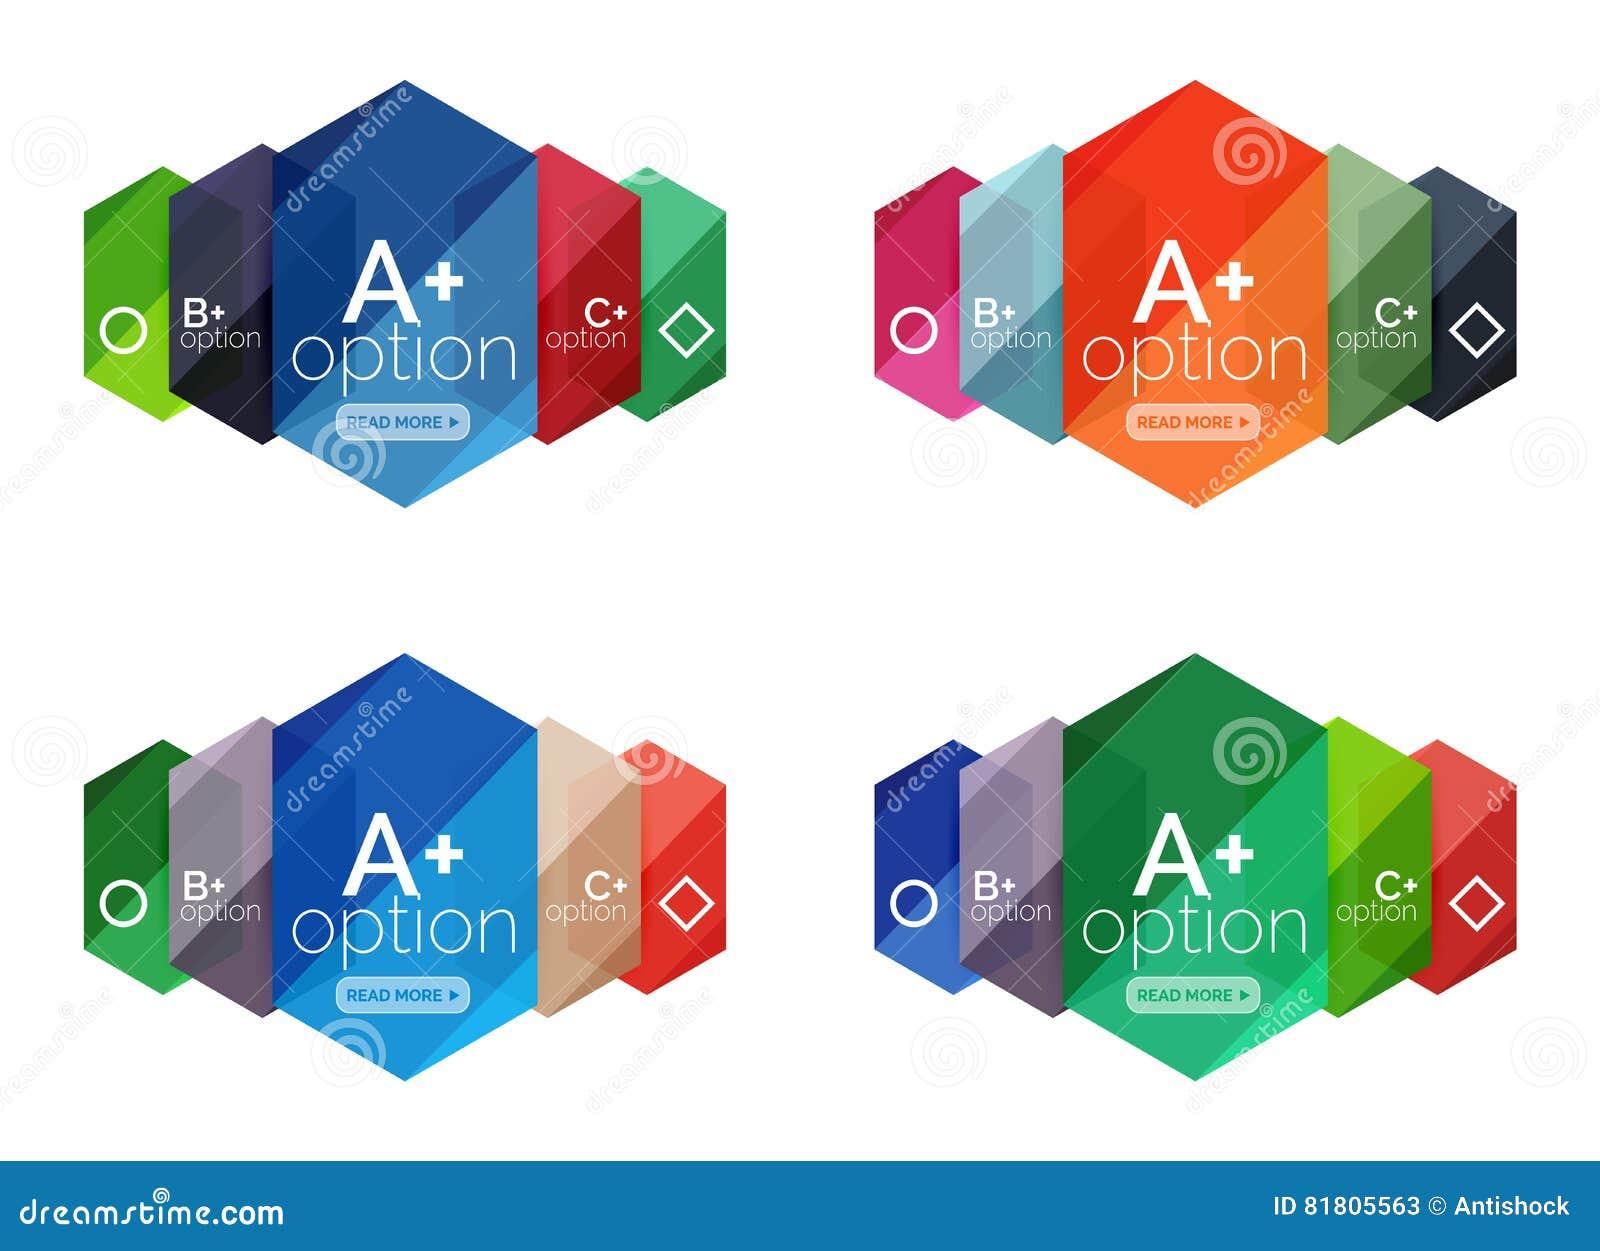 Абстрактные infographic знамена для вашего содержания